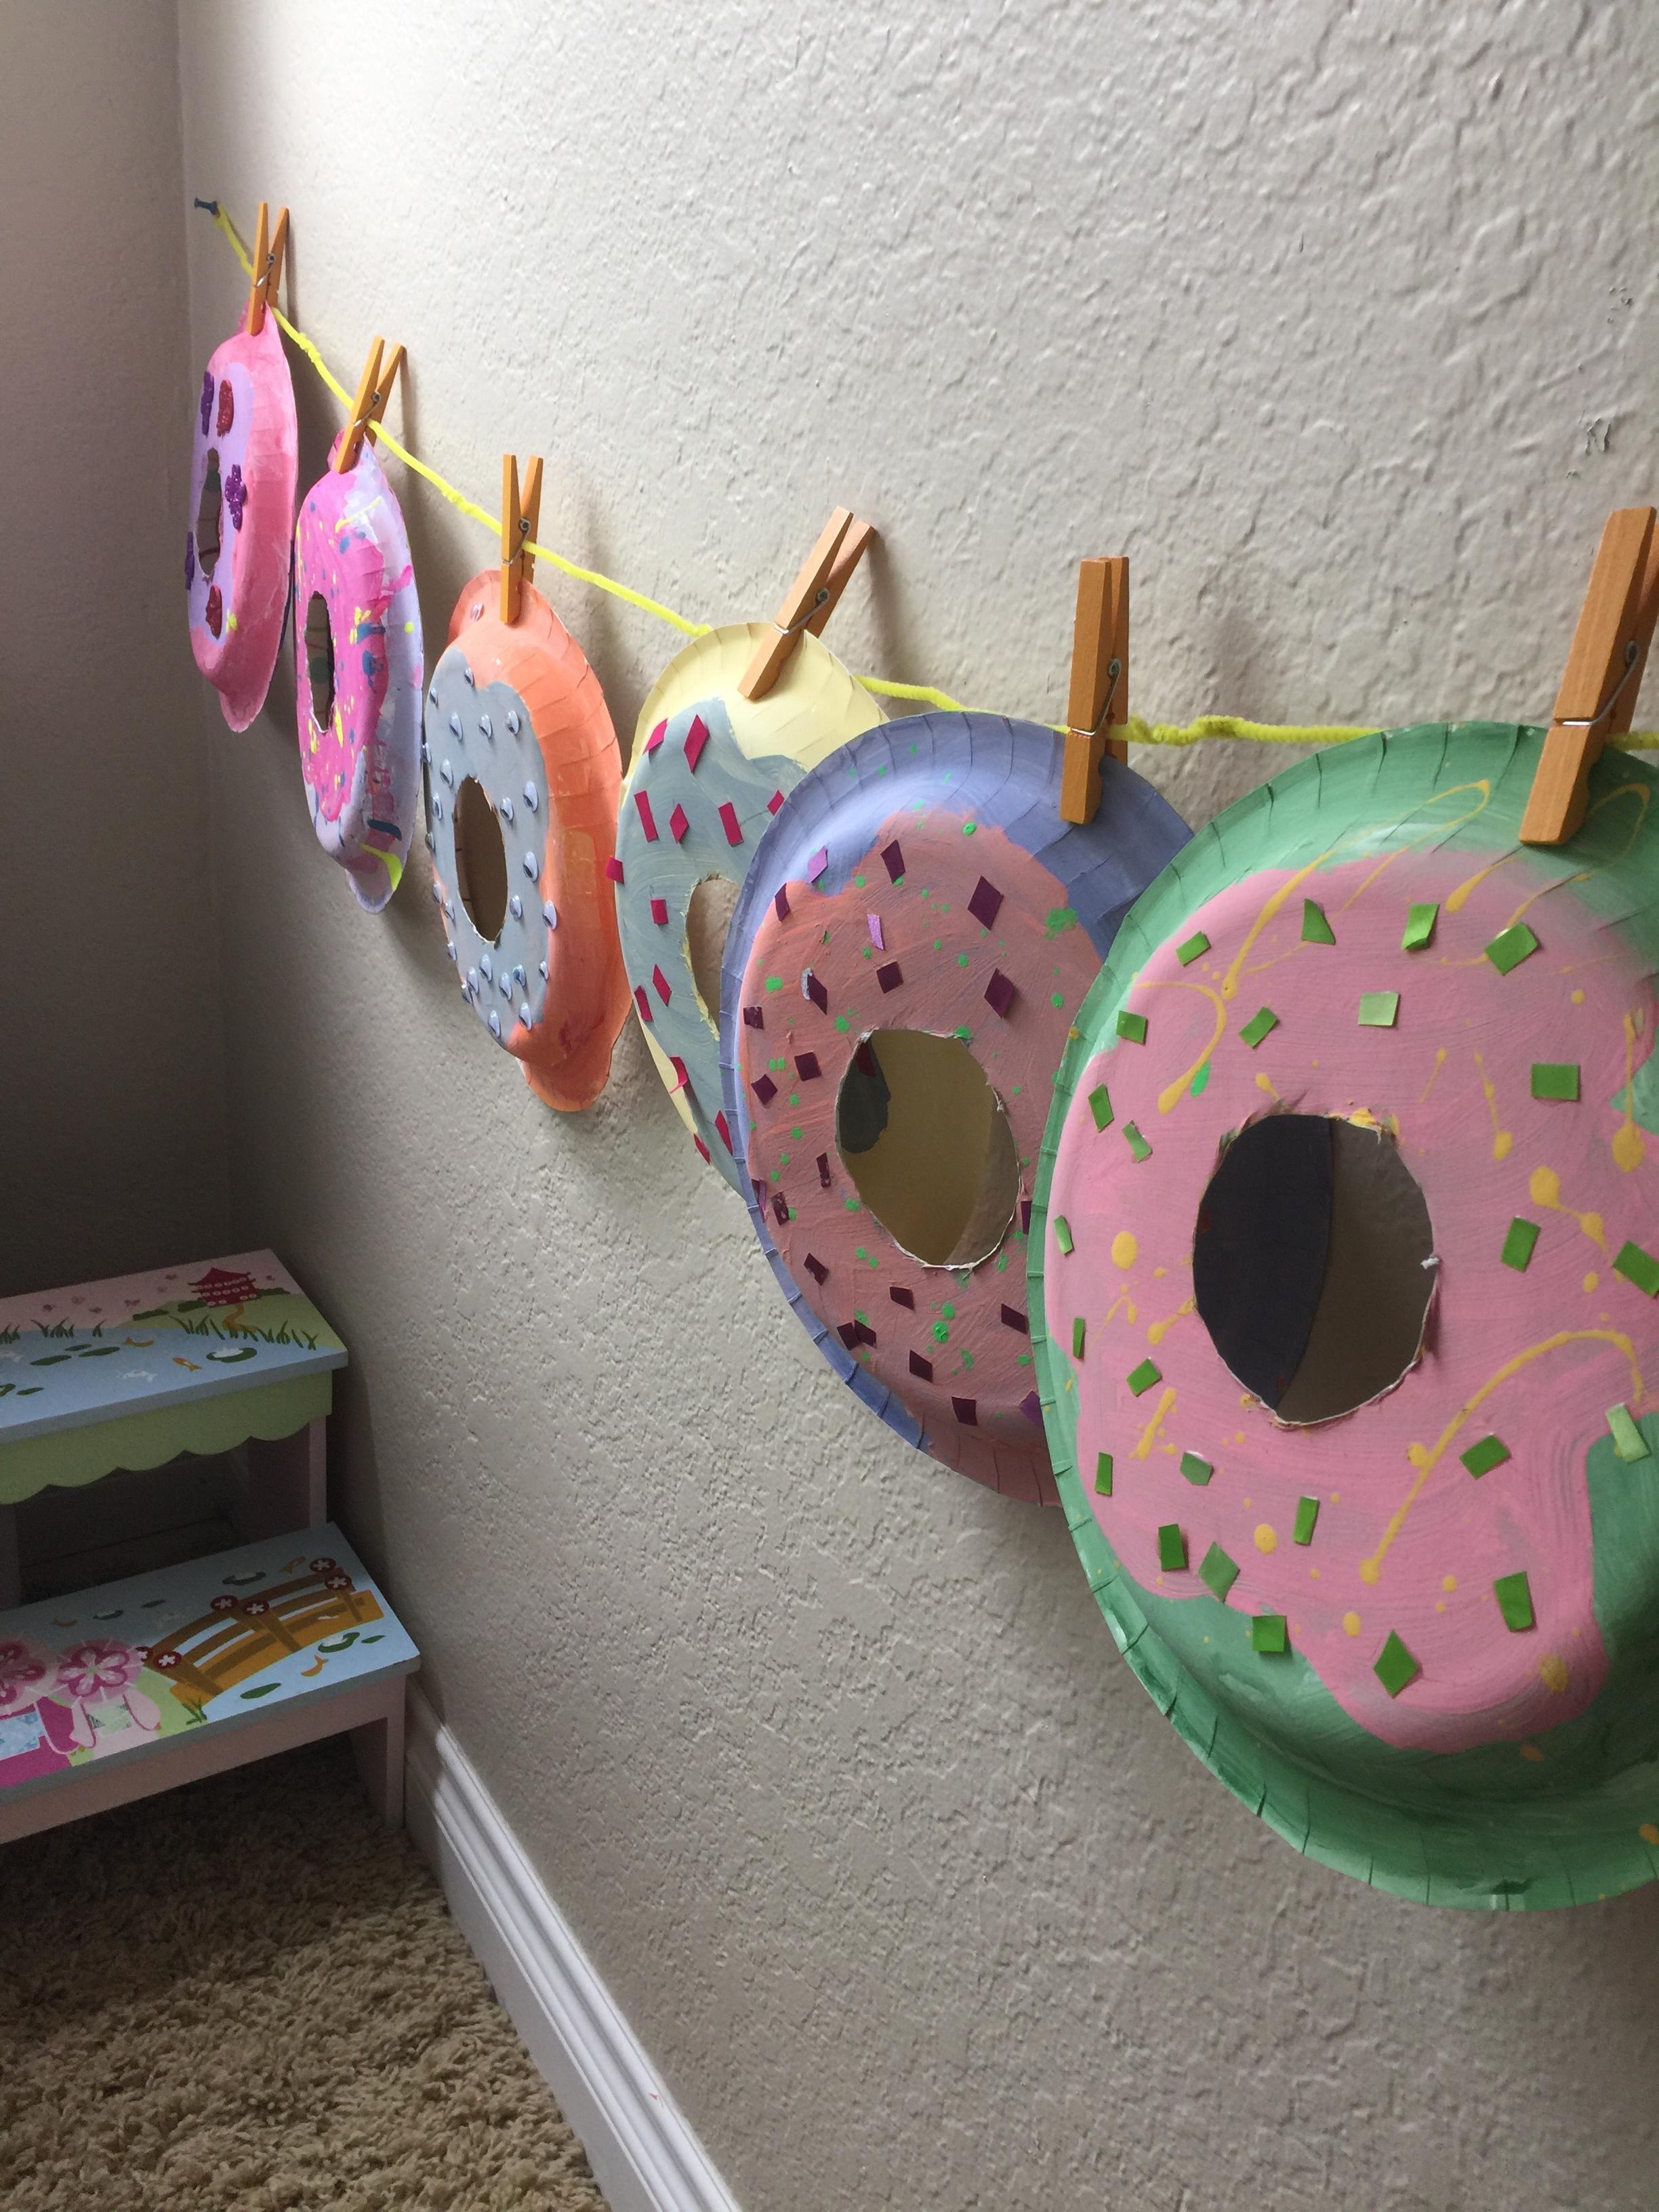 Paper Plate Donuts & Hanukkah Paper Plate Menorahs u2014 Squirmy Wormy Childrenu0027s Books u0026 Mom ...